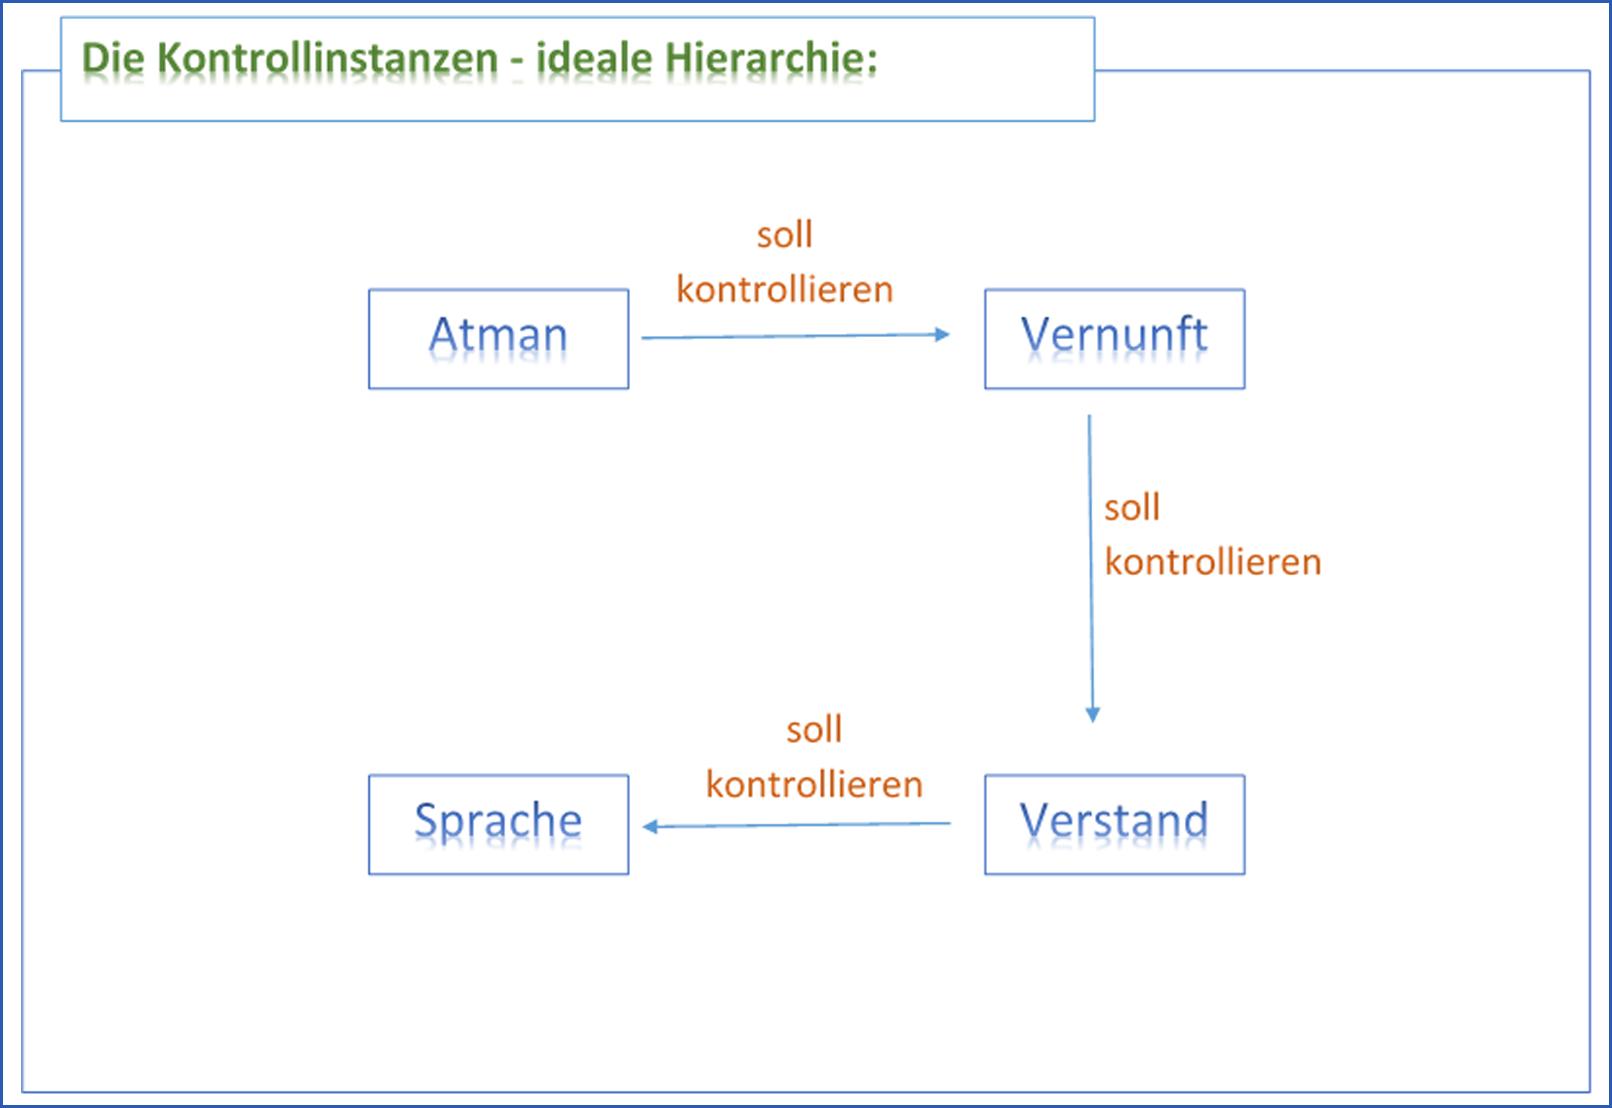 Die Kontrollinstanzen - ideale Hierarchie